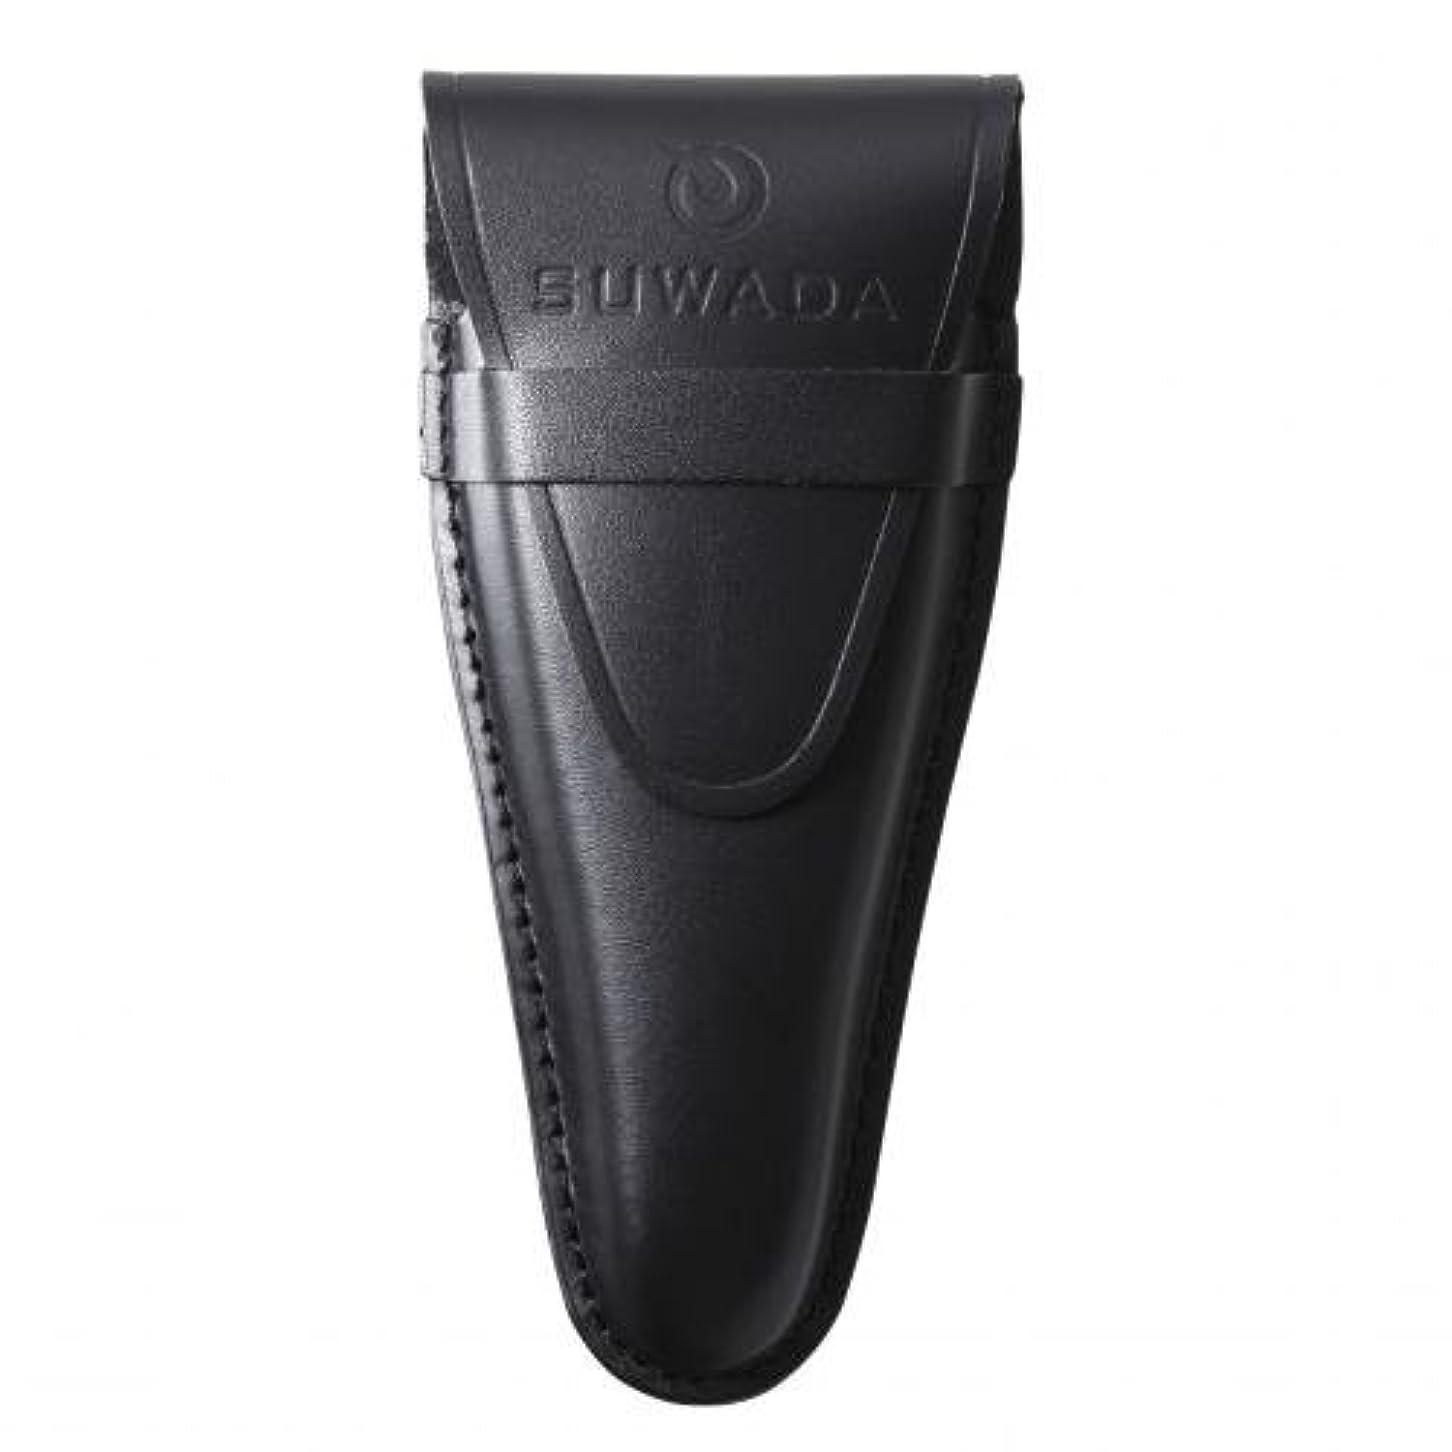 スコア受けるおばさん【SUWADA】 爪切り用本革ケースクラシックL用 色=ブラック